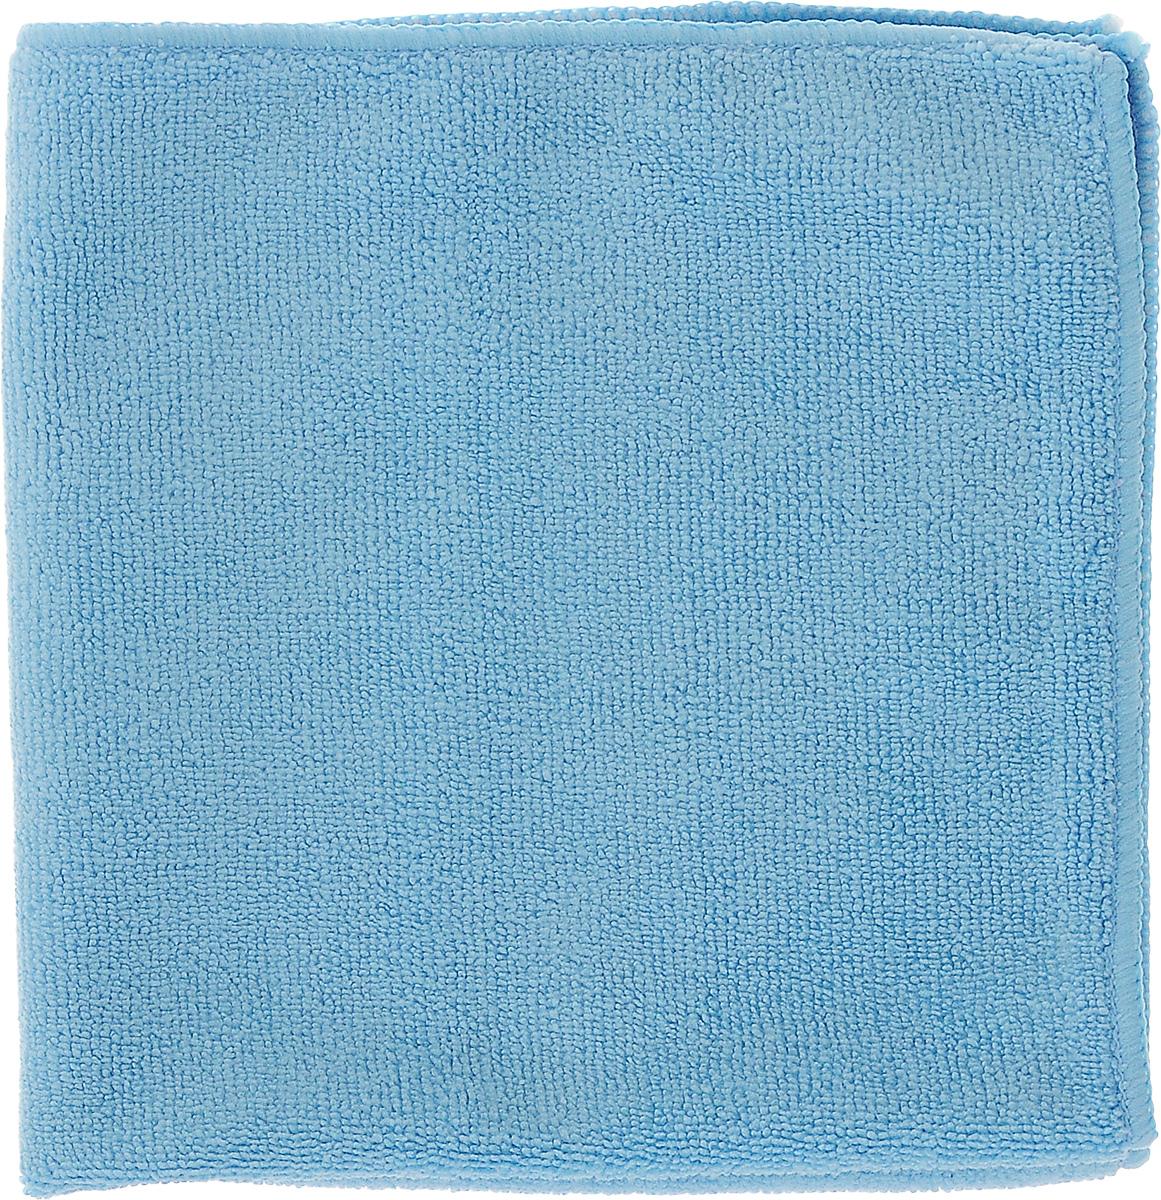 Салфетка для ванной комнаты Unicum Premium, цвет: голубой, 40 х 40 см303224_голубойСалфетка Unicum Premium изготовлена по самым современным технологиям. Уникальные чистящие свойства салфетки - абсорбировать жир, грязь, пыль, никотин - обеспечивают специальные клиновидные микроволокна, которые в 100 раз меньше человеческого волоса. Салфетка обладает непревзойденной способностью быстро впитывать большой объем жидкости (в восемь раз больше собственной массы).Допускается ручная и машинная стирка при 60°С.Состав: вискоза 80%, полиэстер 20%.